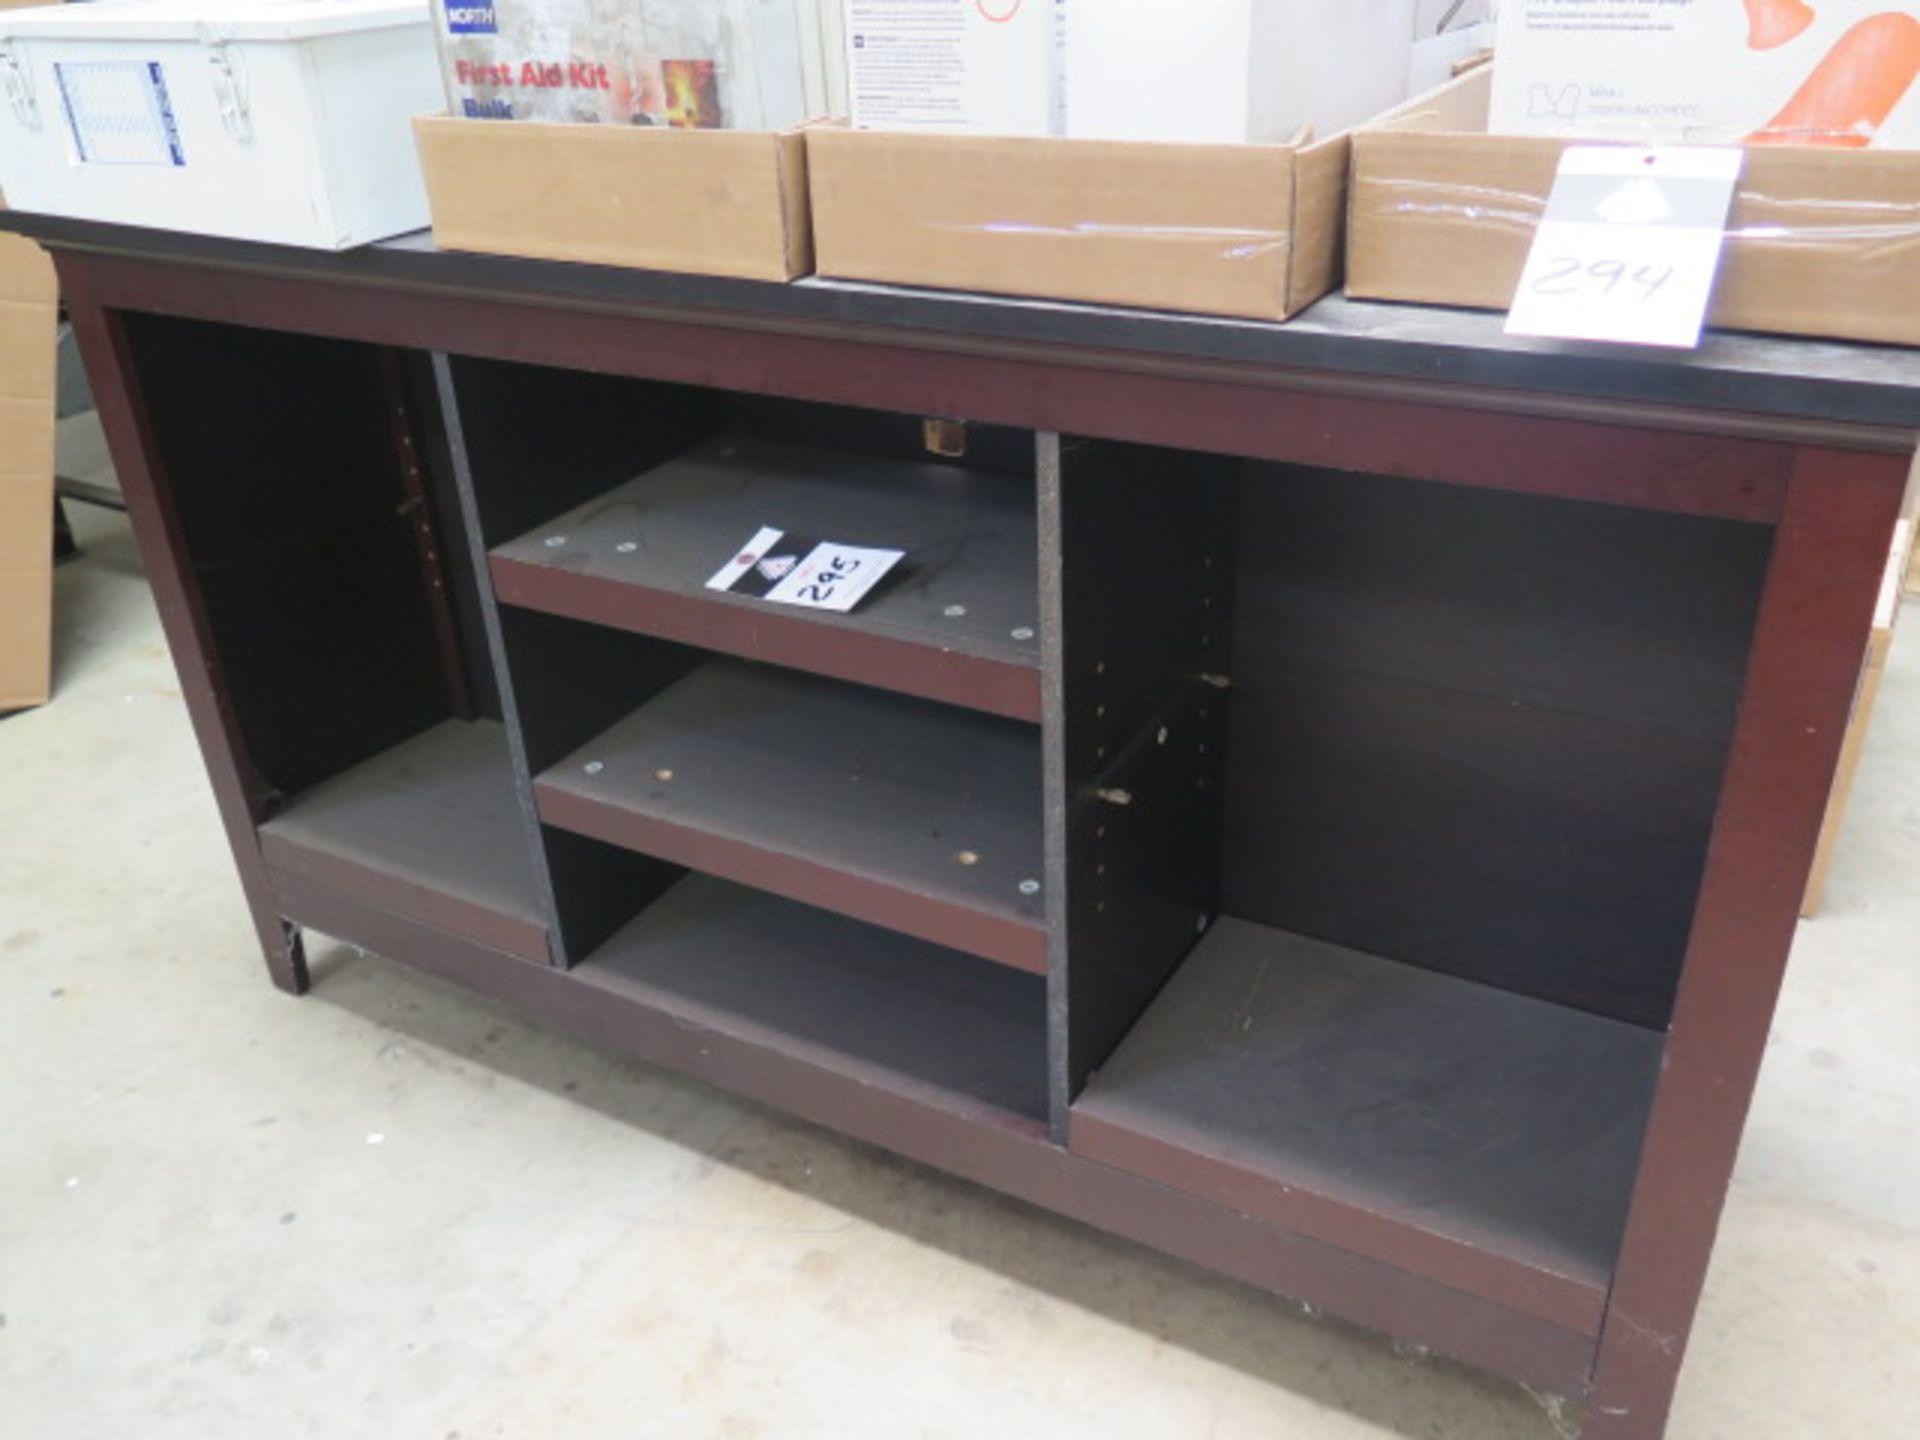 Wooden Shelf Unit (SOLD AS-IS - NO WARRANTY)